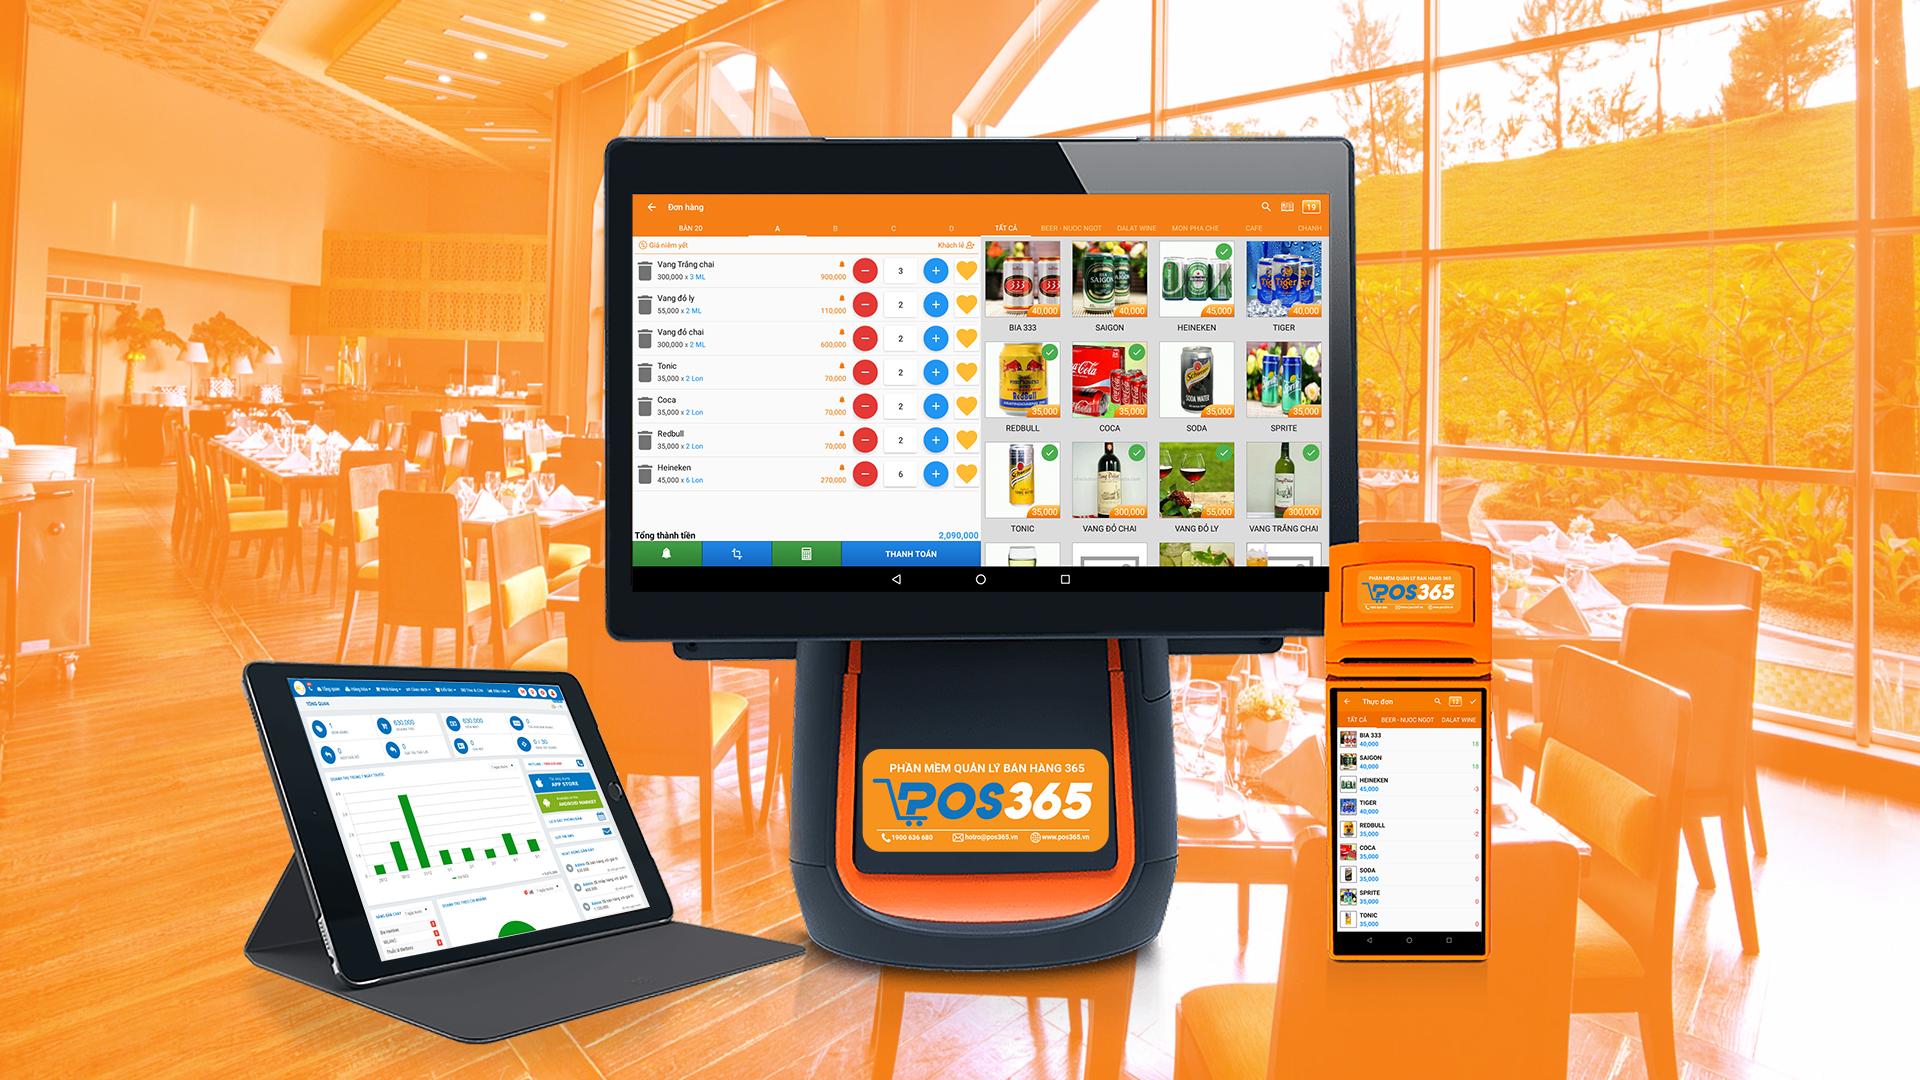 Phần mềm quản lý bán hàng offline nào tốt nhất hiện nay